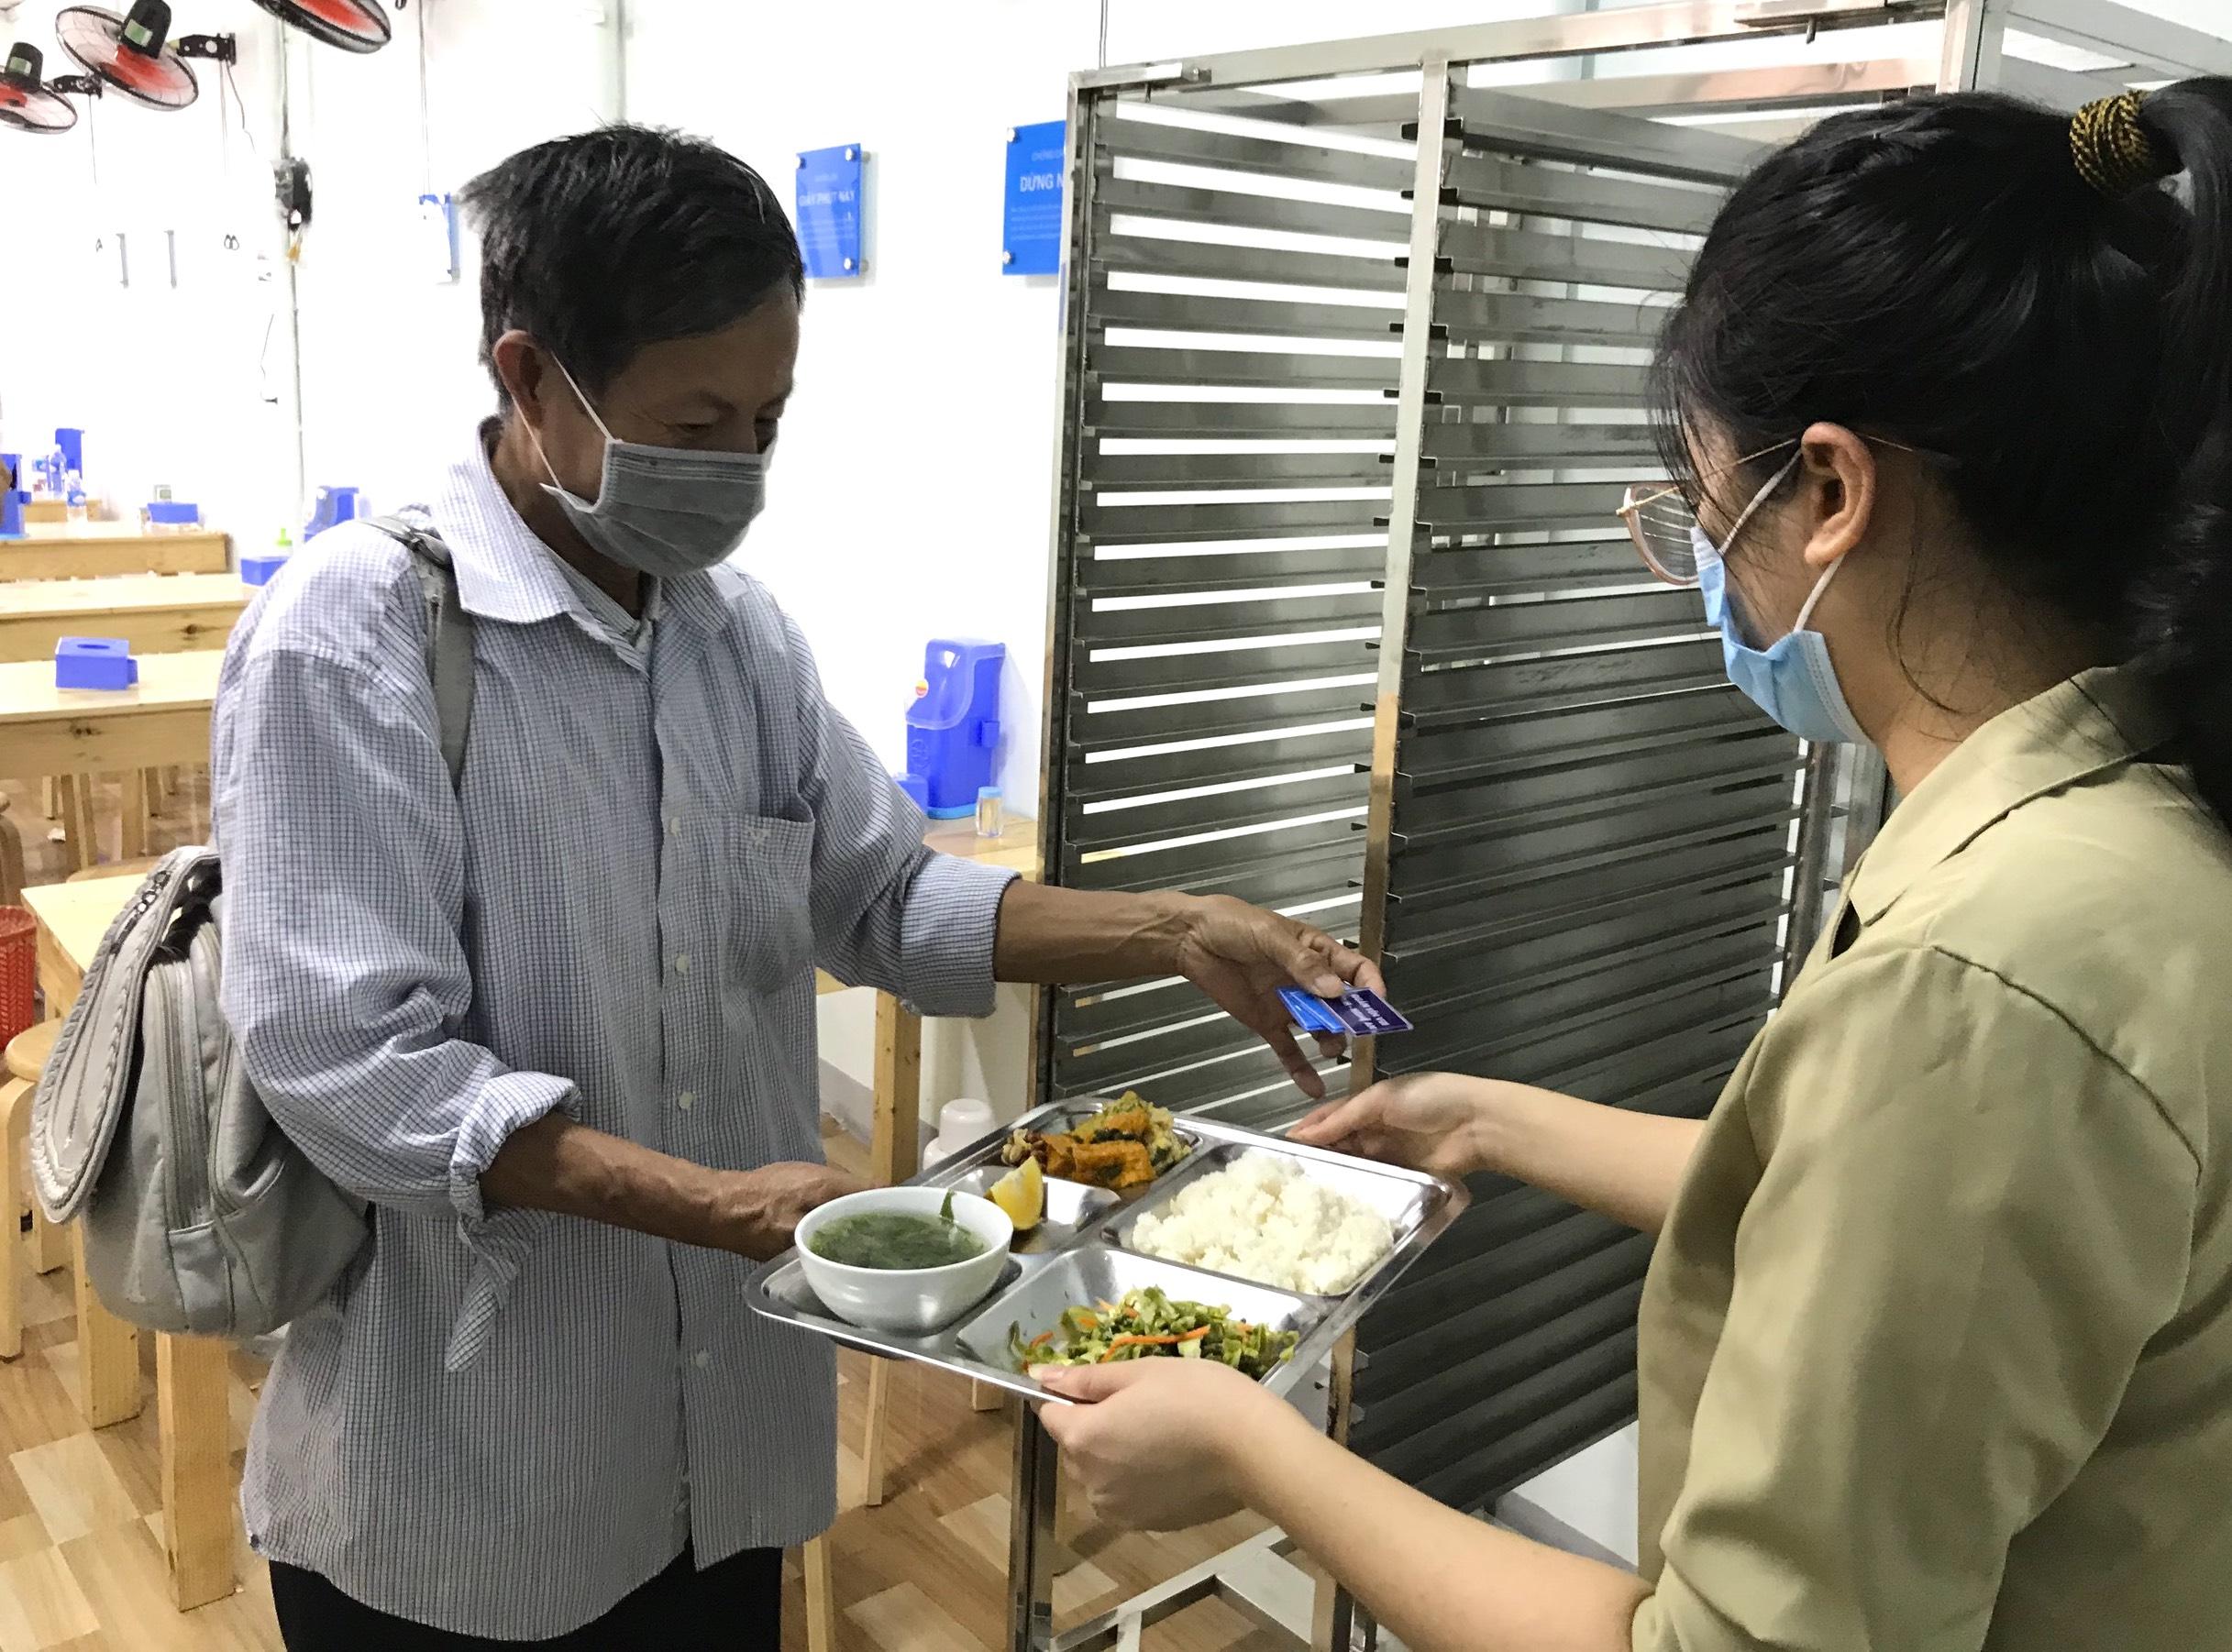 Quán cơm 2000 đồng đầu tiên ở Nghệ An: Ai không có tiền vẫn mời họ vào ăn - Ảnh 5.